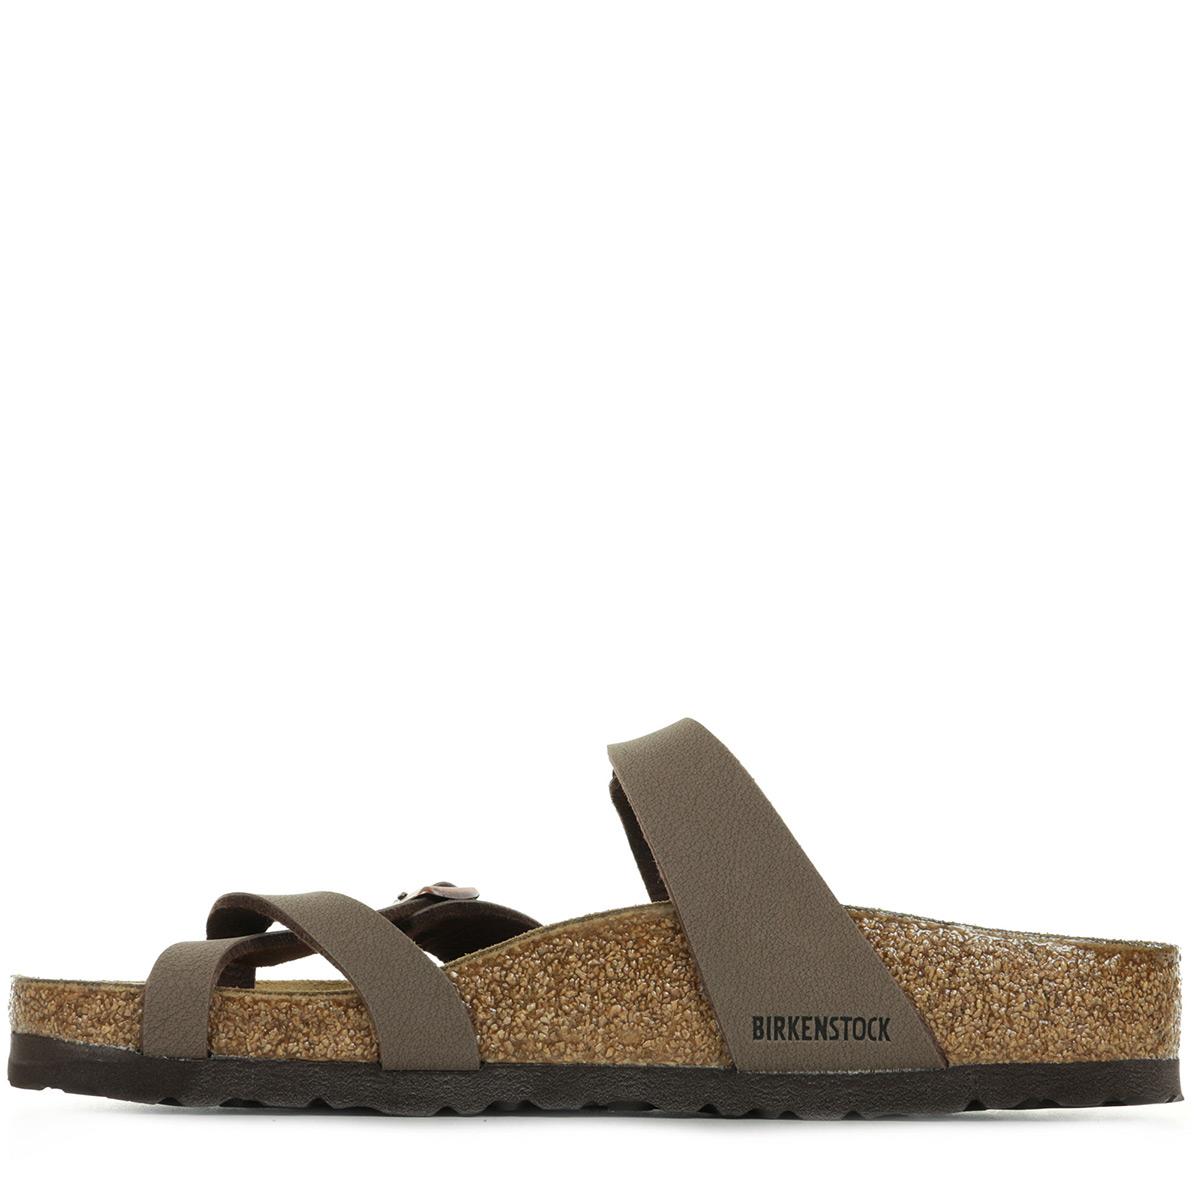 birkenstock mayari 071061 chaussures homme homme. Black Bedroom Furniture Sets. Home Design Ideas